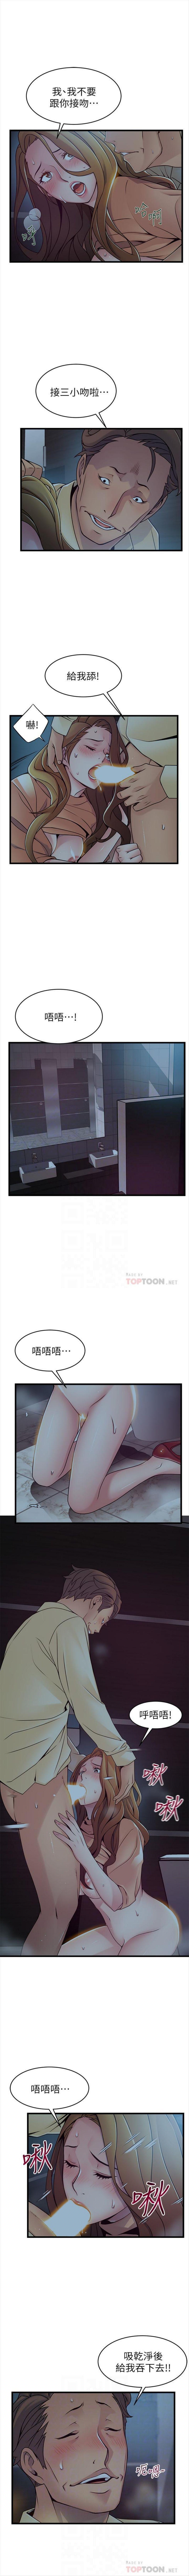 (週7)弱點 1-76 中文翻譯(更新中) 408